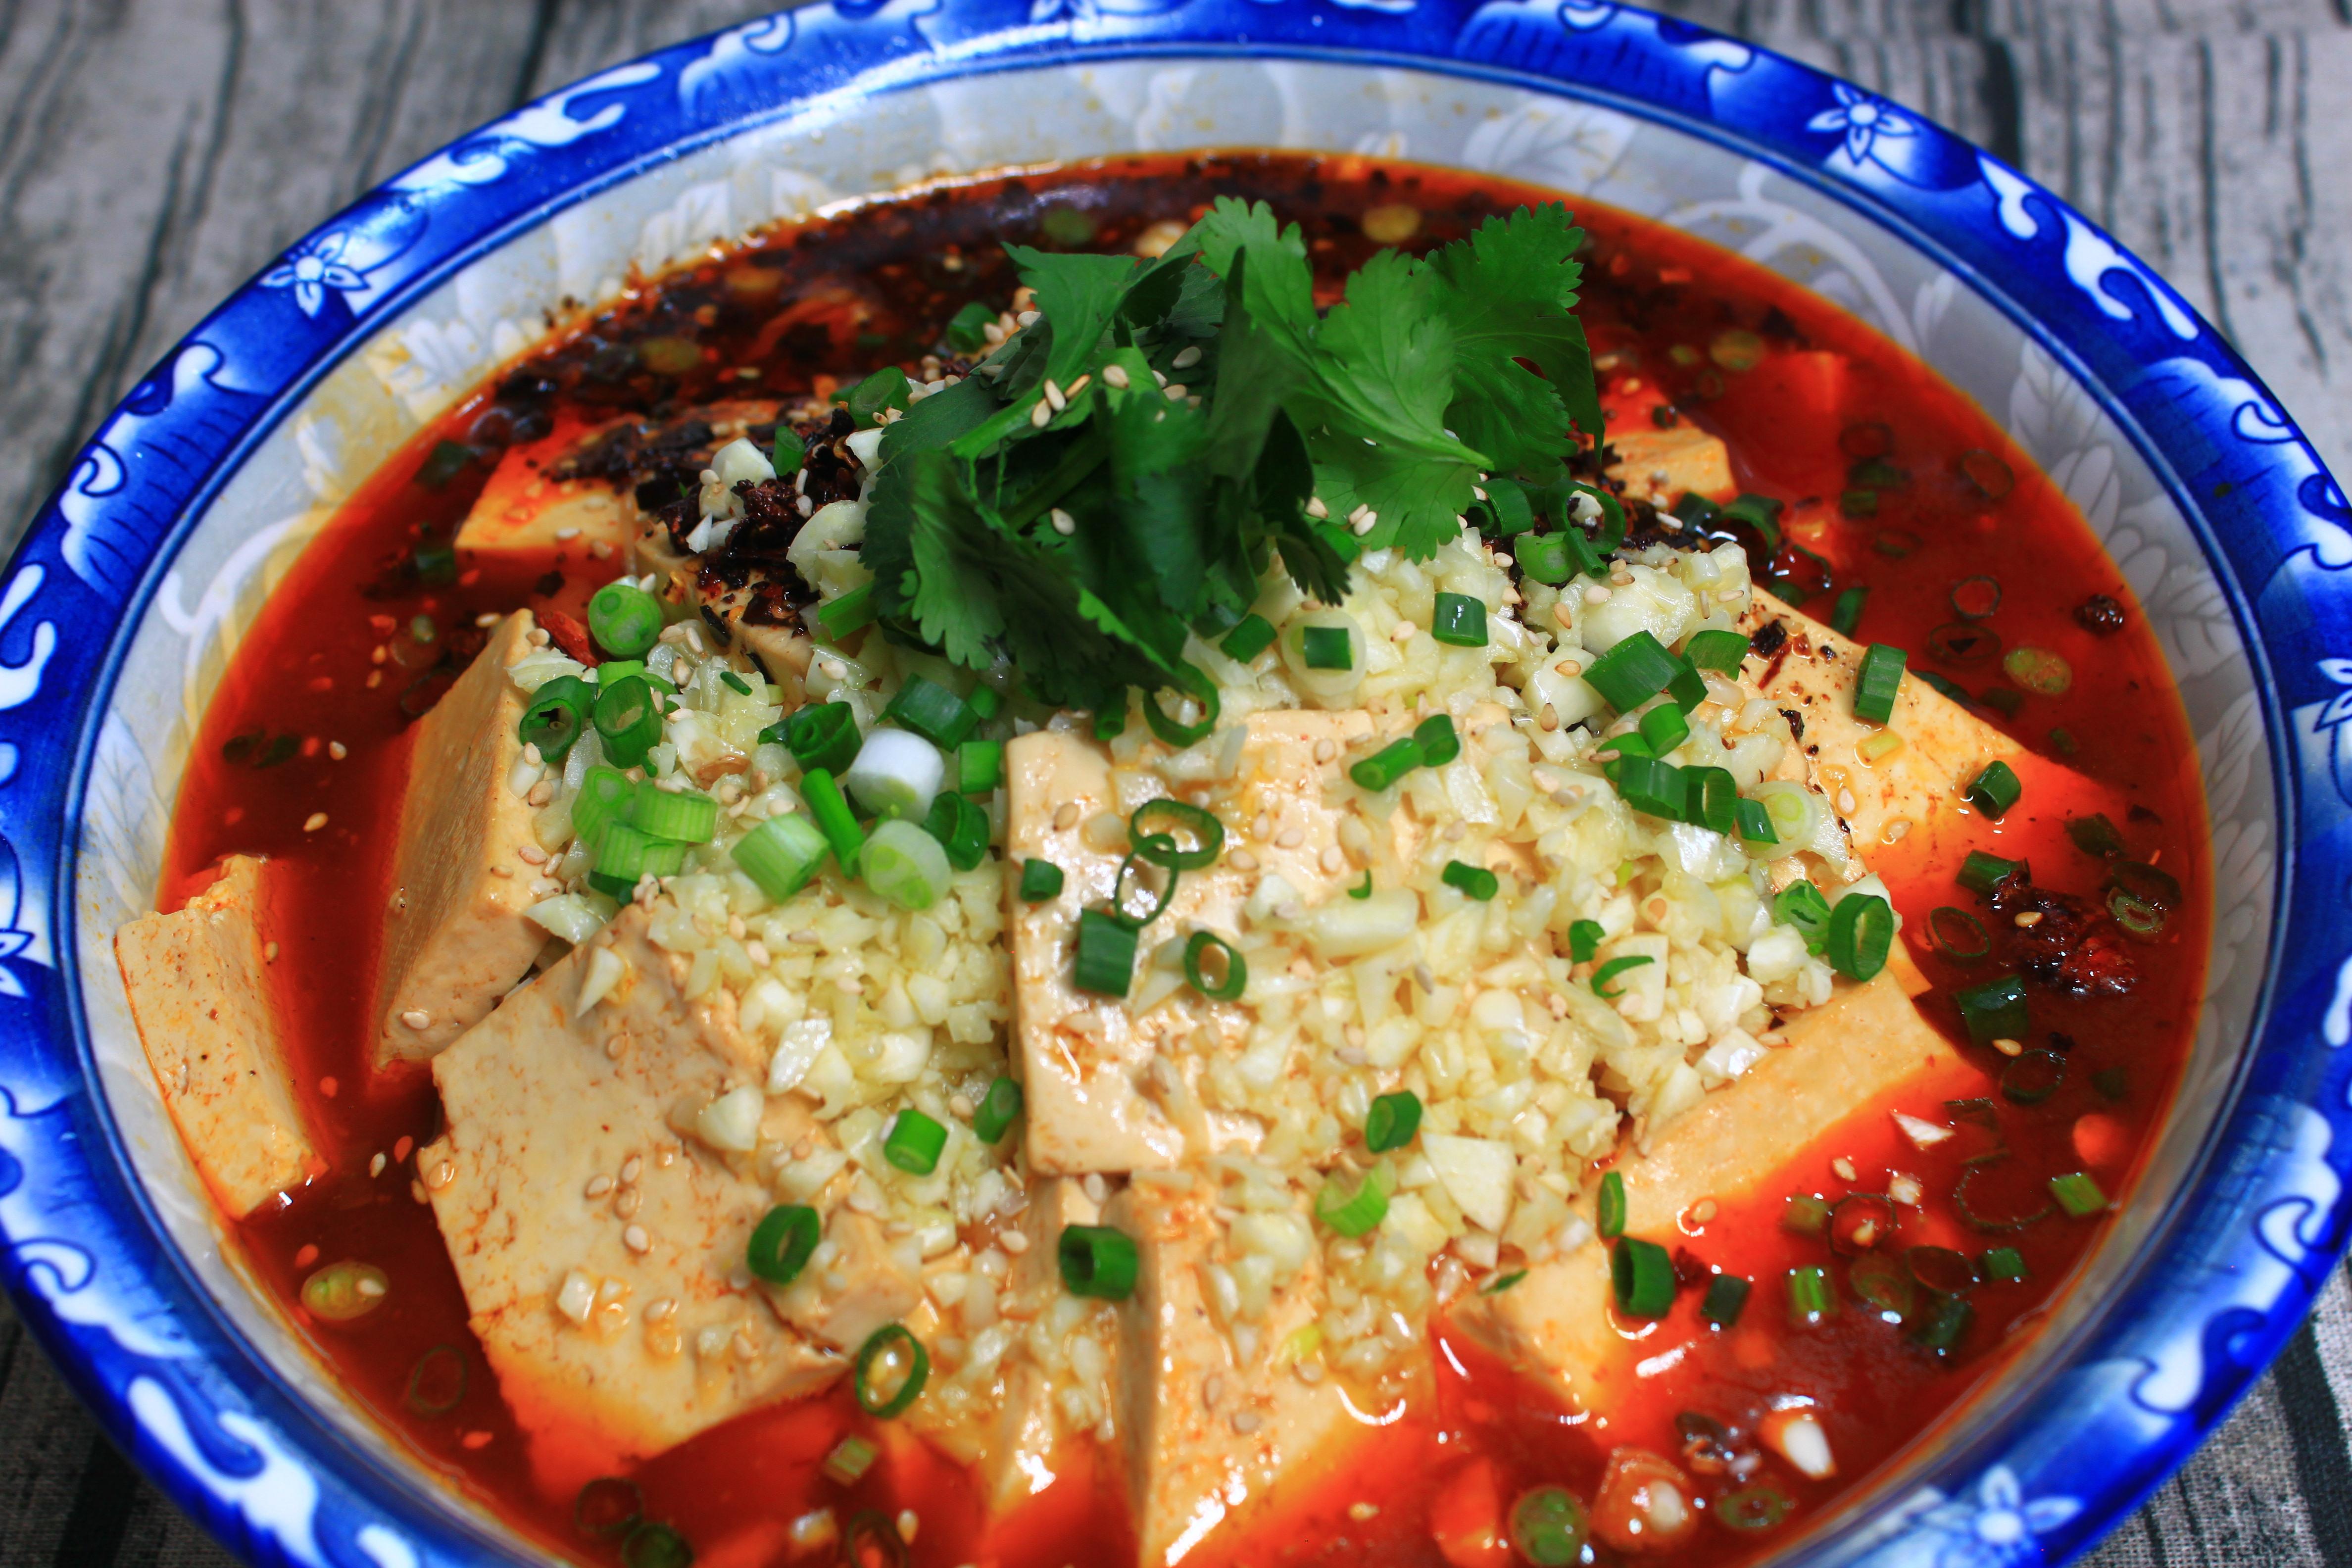 学会豆腐这个做法,大鱼大肉靠边站,香辣解馋,下饭超过瘾,真香 美食做法 第1张